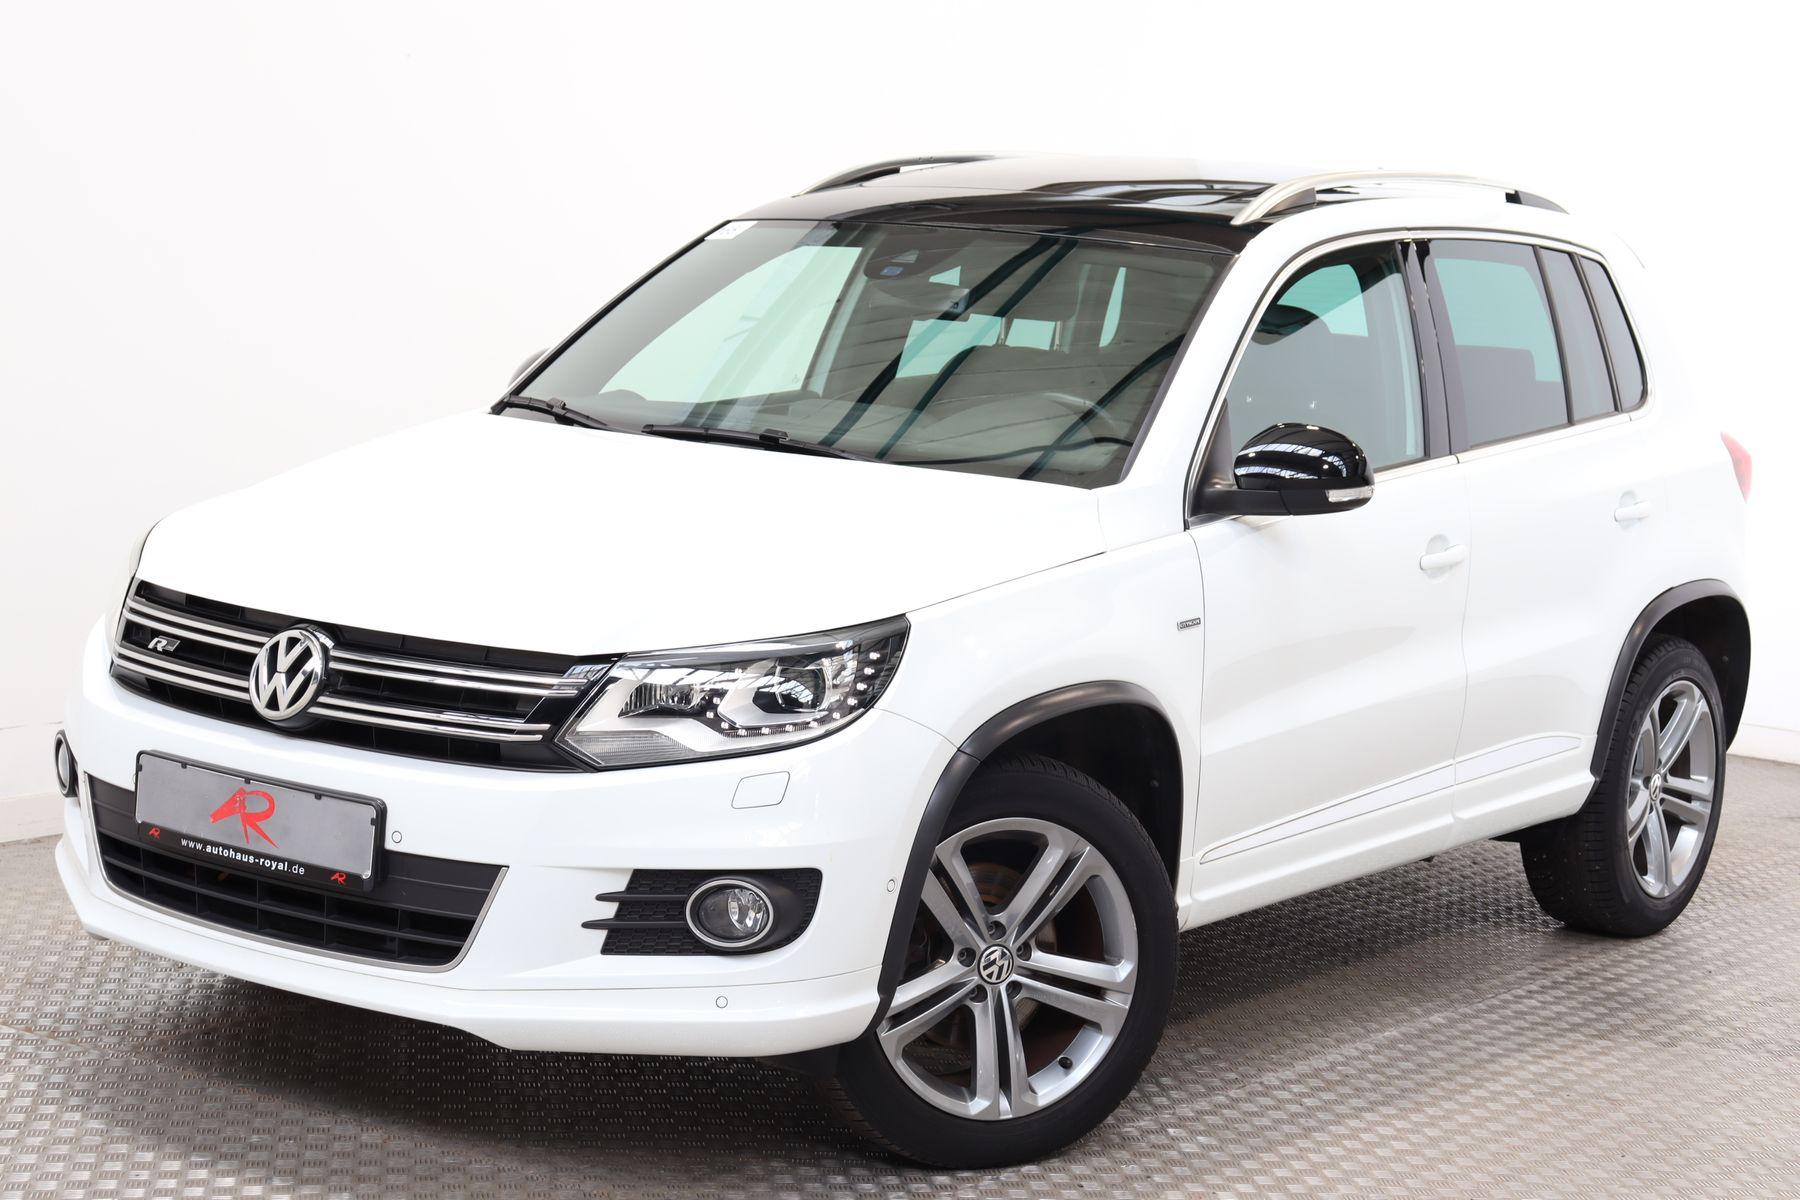 Volkswagen Tiguan 1.4 TSI CITY SCAPE R LINE SPORT VOLLLEDER, Jahr 2015, Benzin